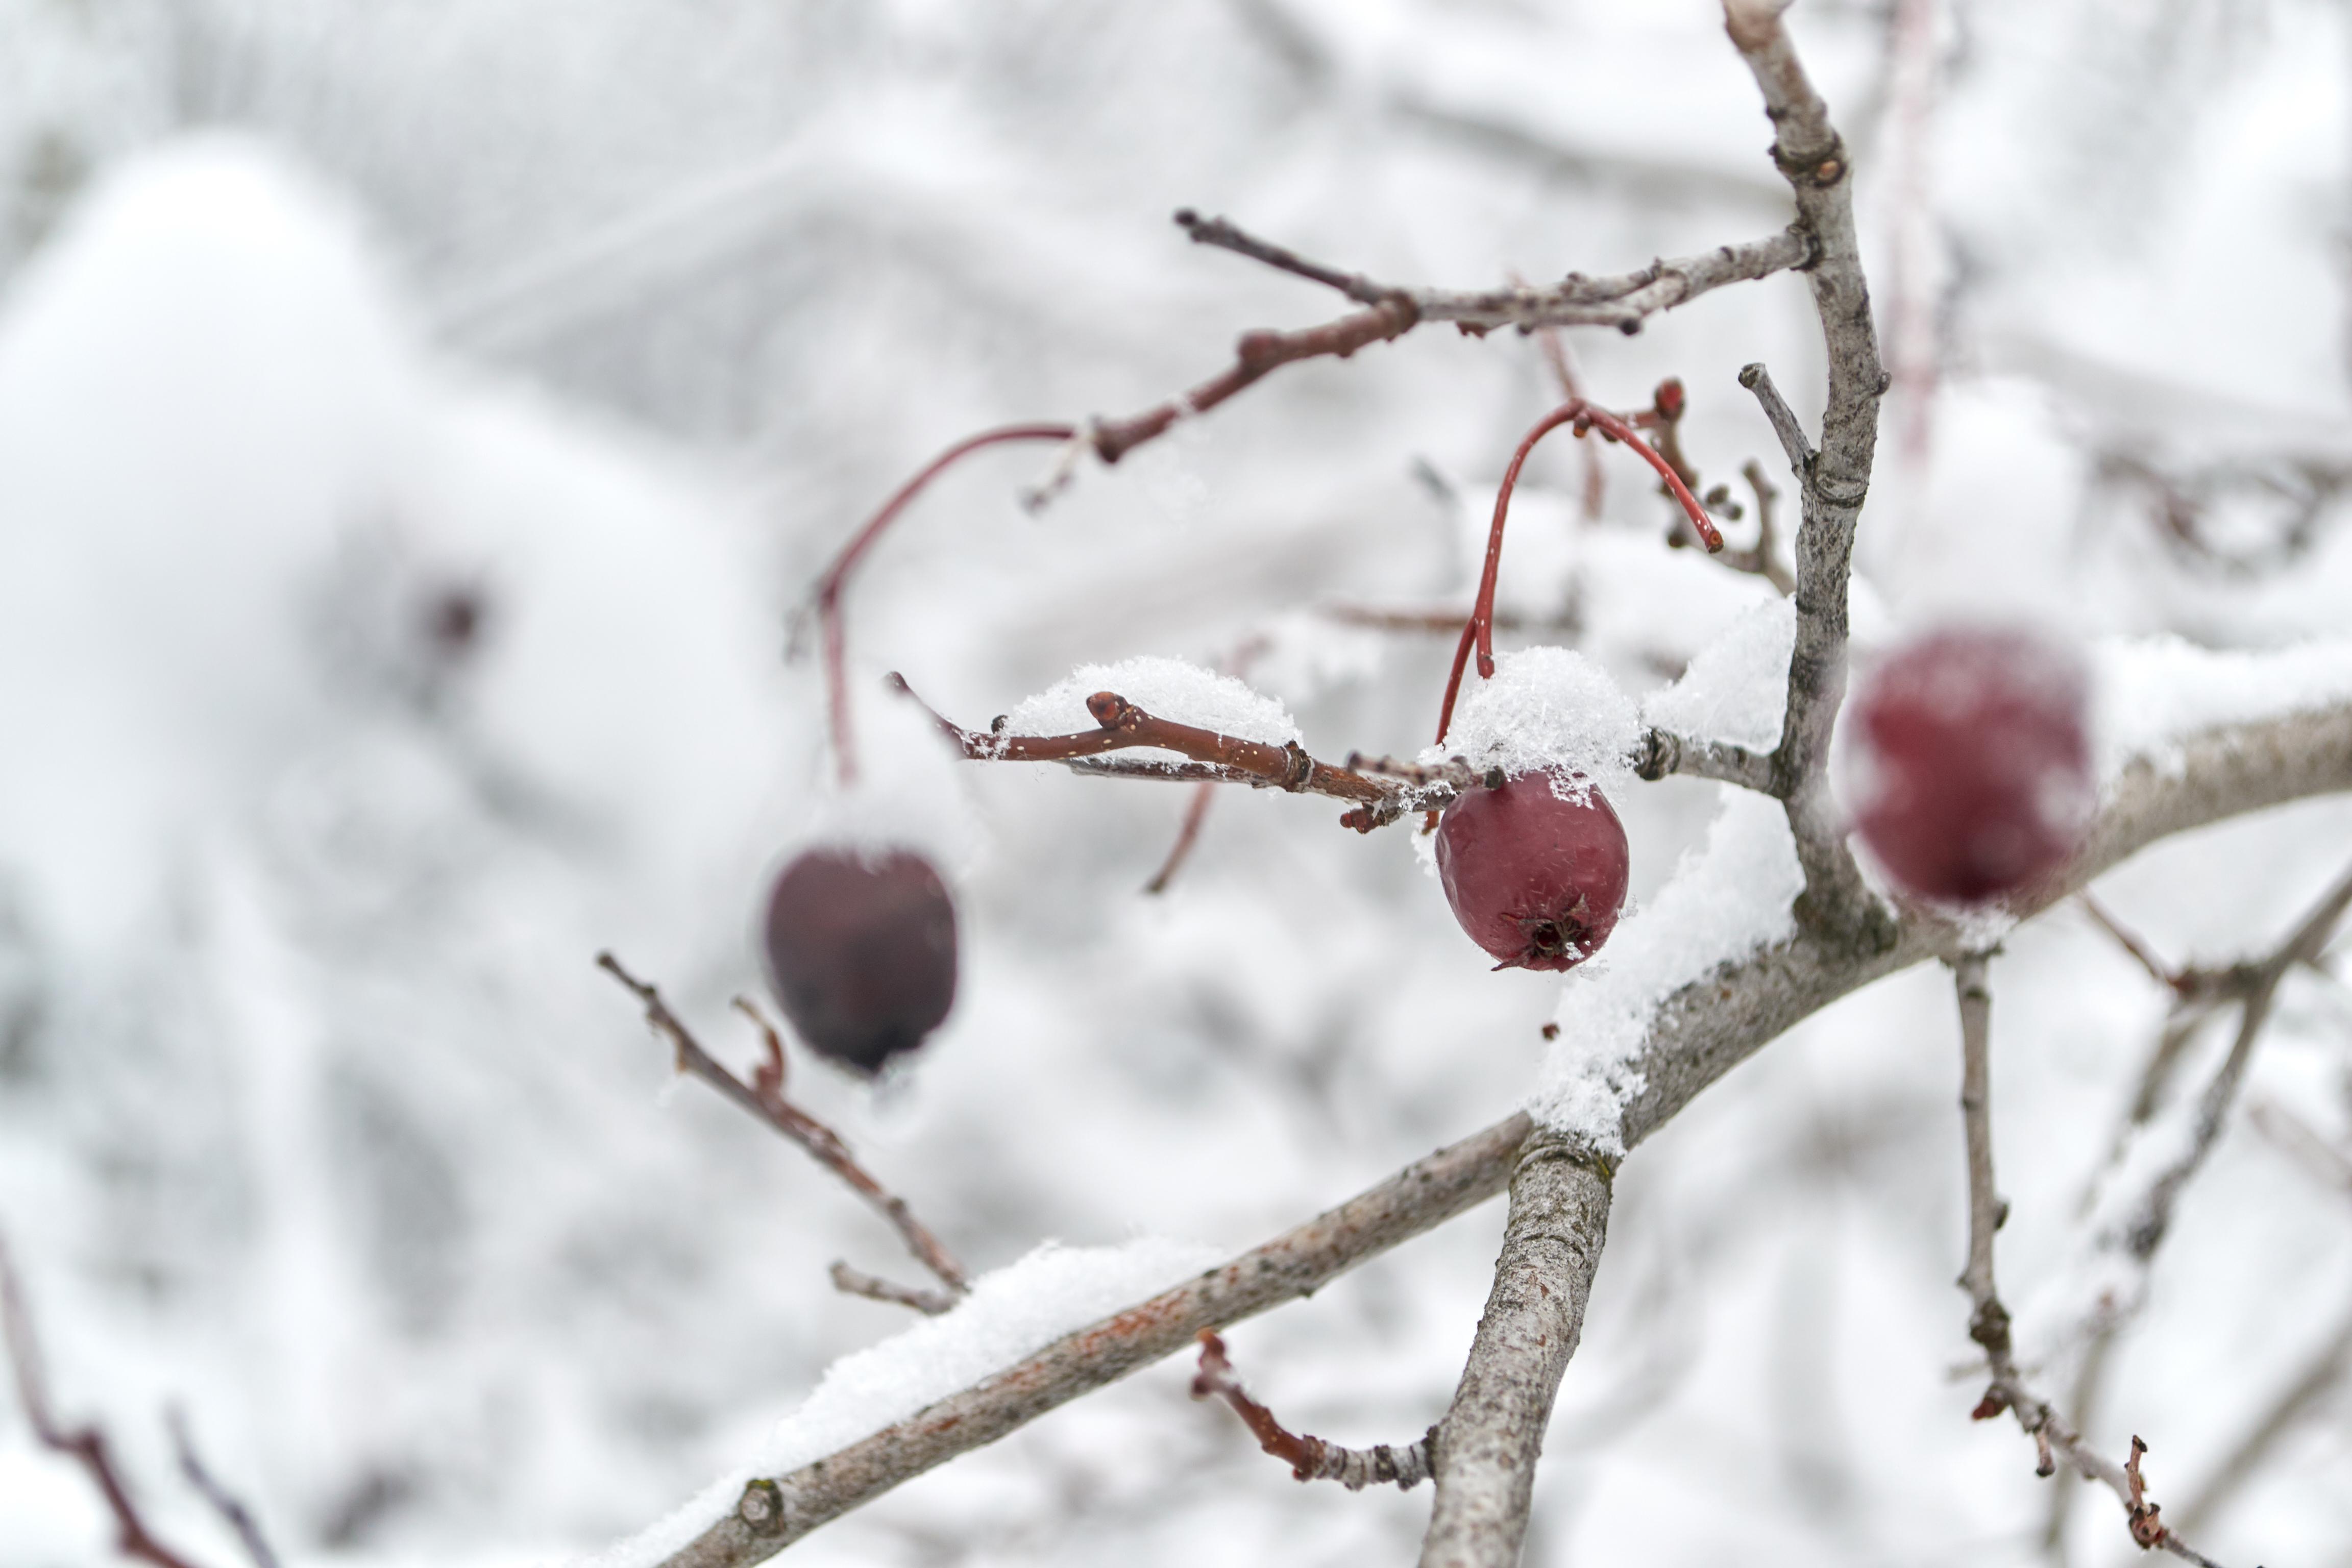 Hawthorne berries under snow